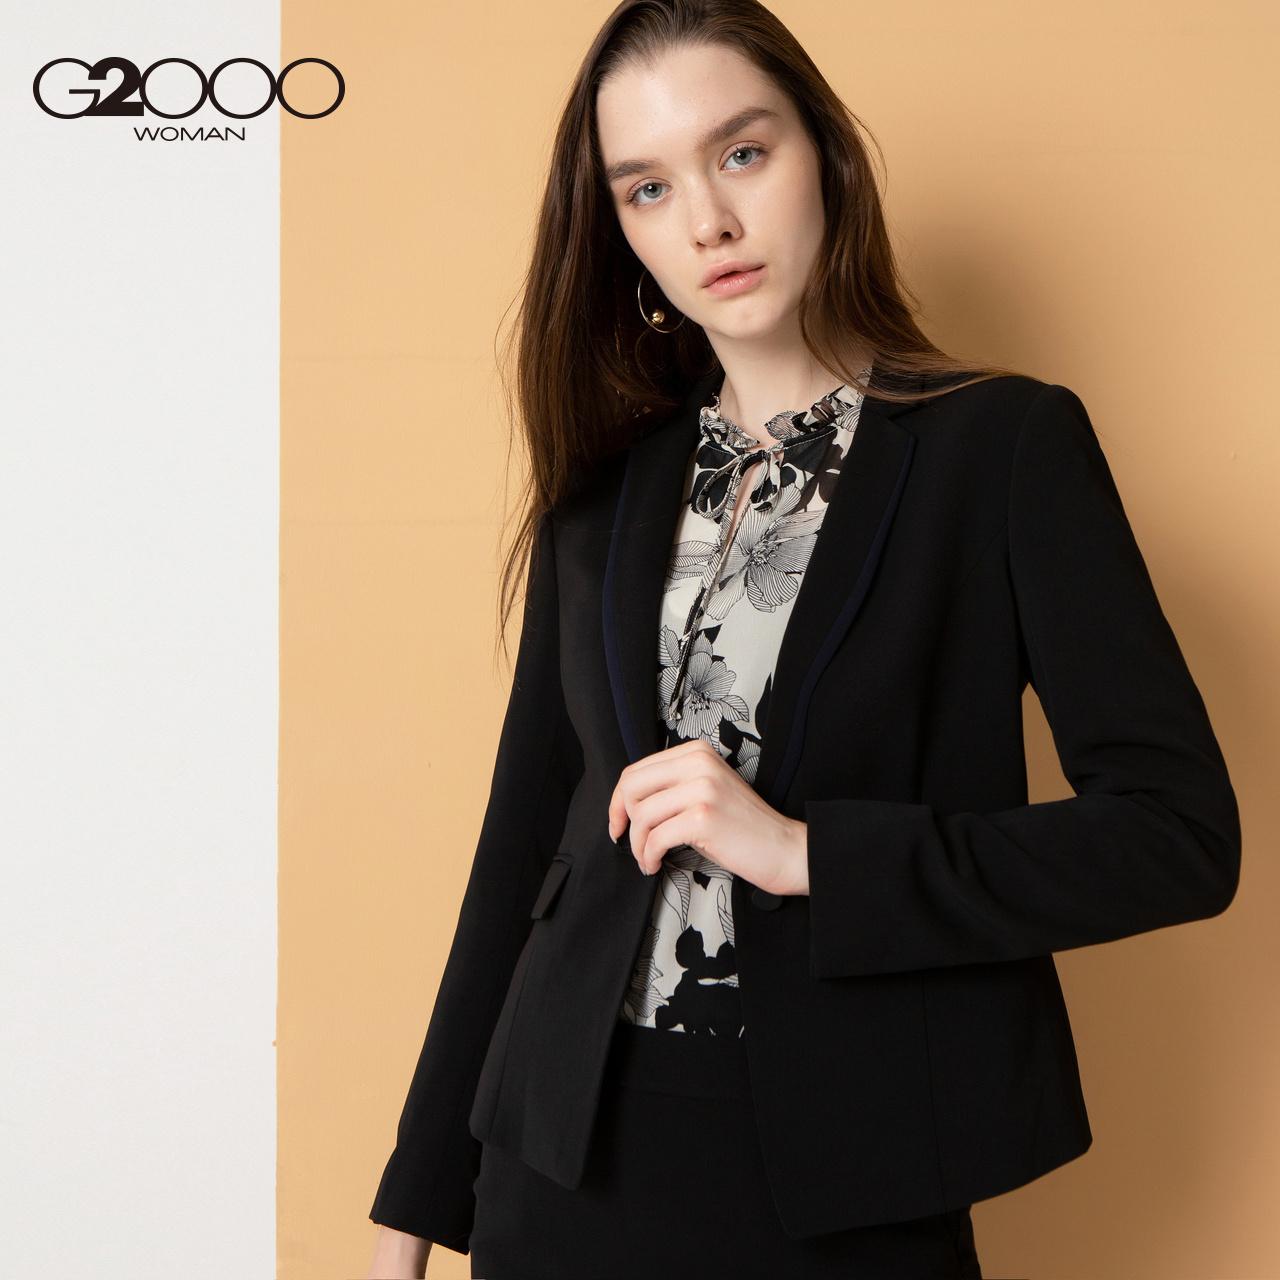 G2000女装新款撞色驳领西服上衣 气质一粒扣口袋设计弹性小西装女